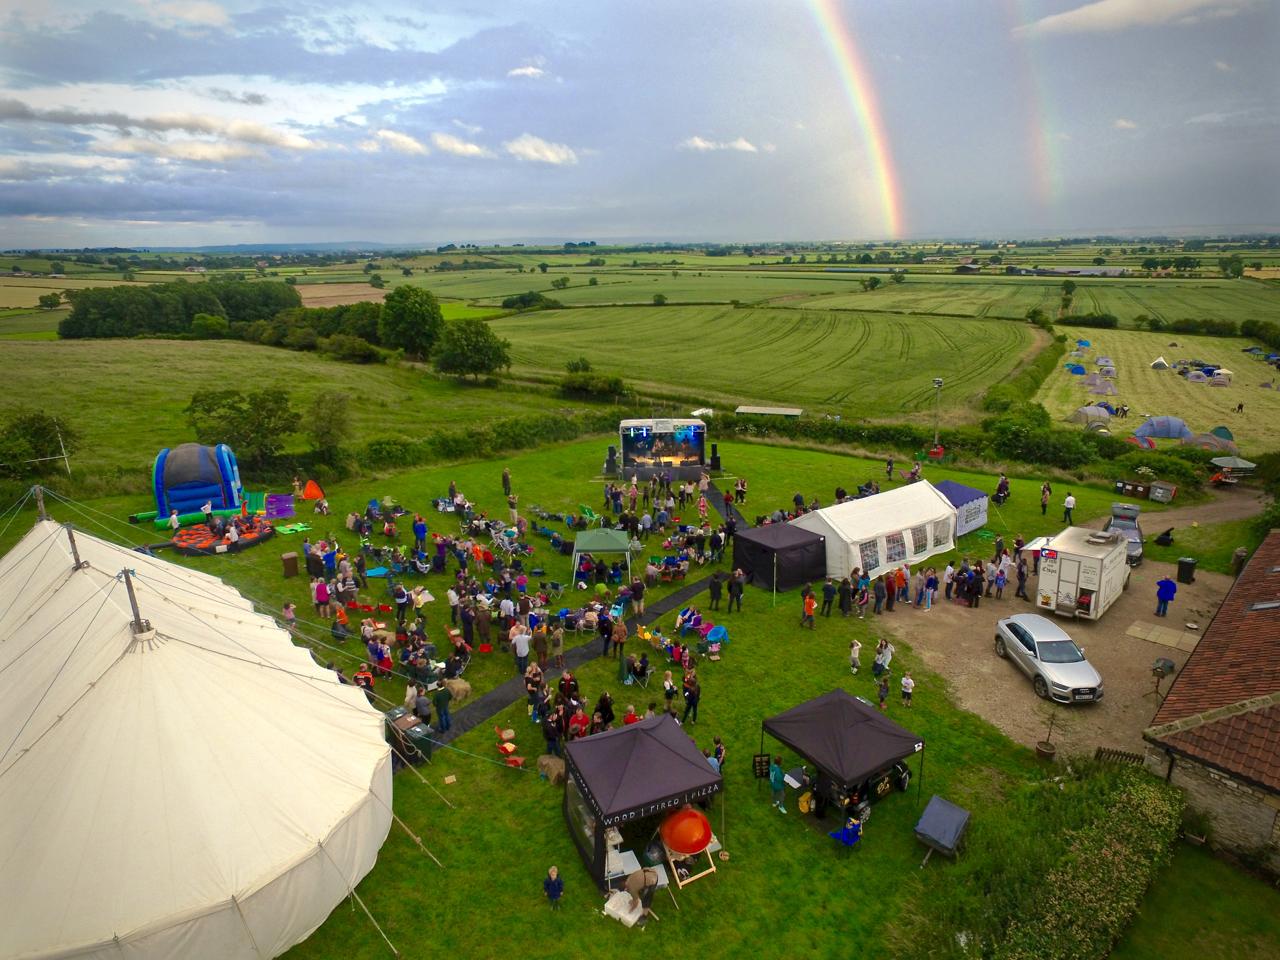 Edston Festival